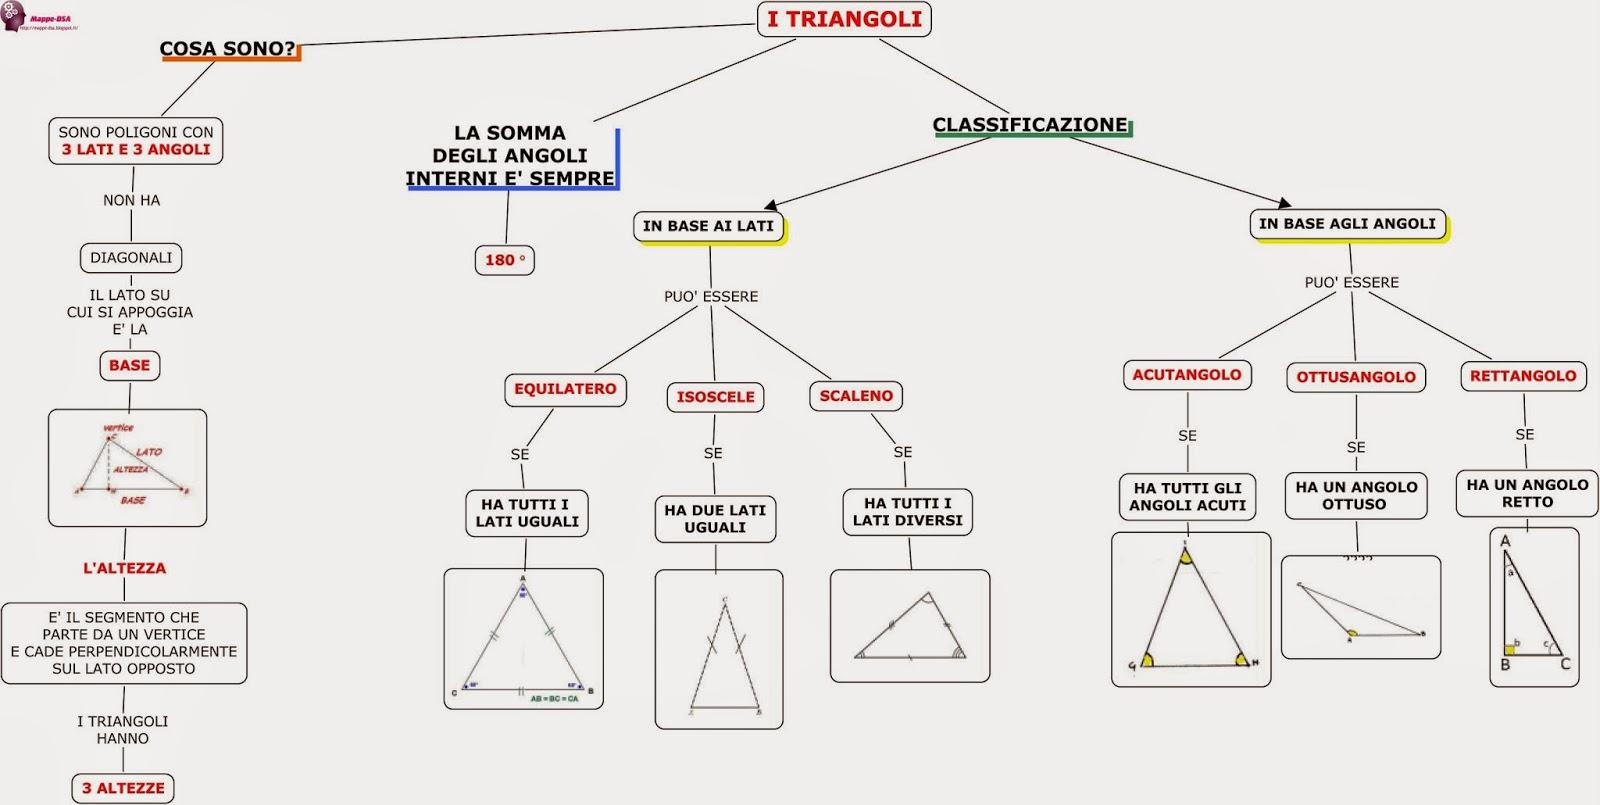 mappa dsa geometria triangoli